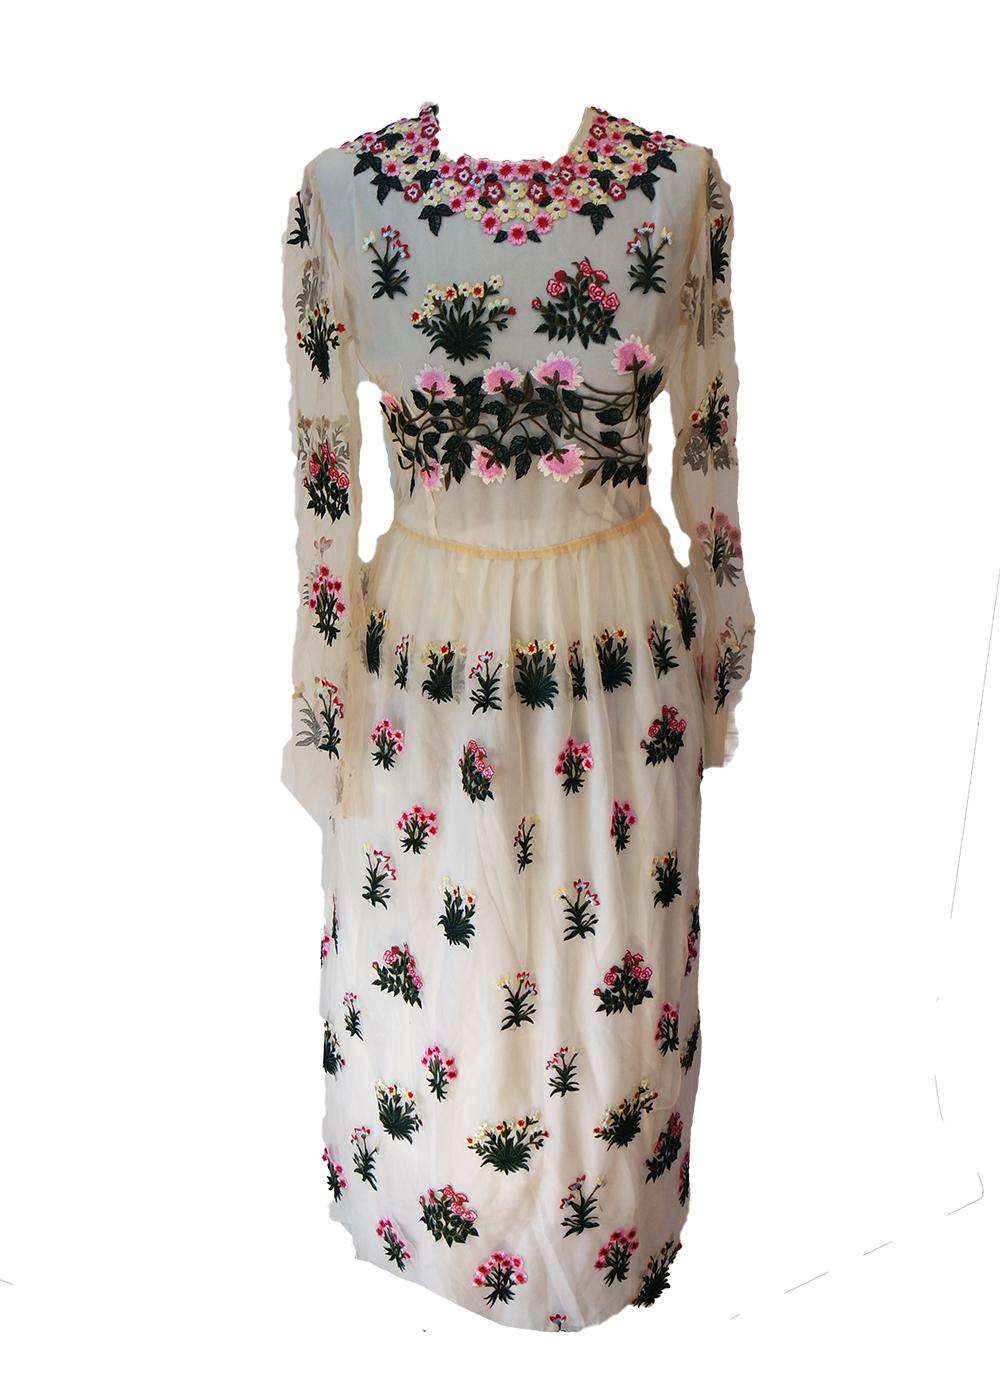 3378dc26f90f2 Einzelstück Spitzen Kleid Gr. 34/36   Etui Kleider   Bekleidung   Ladies  Style   Oldieshop: Oldtimer Accessoires, Bekleidung und Geschenke